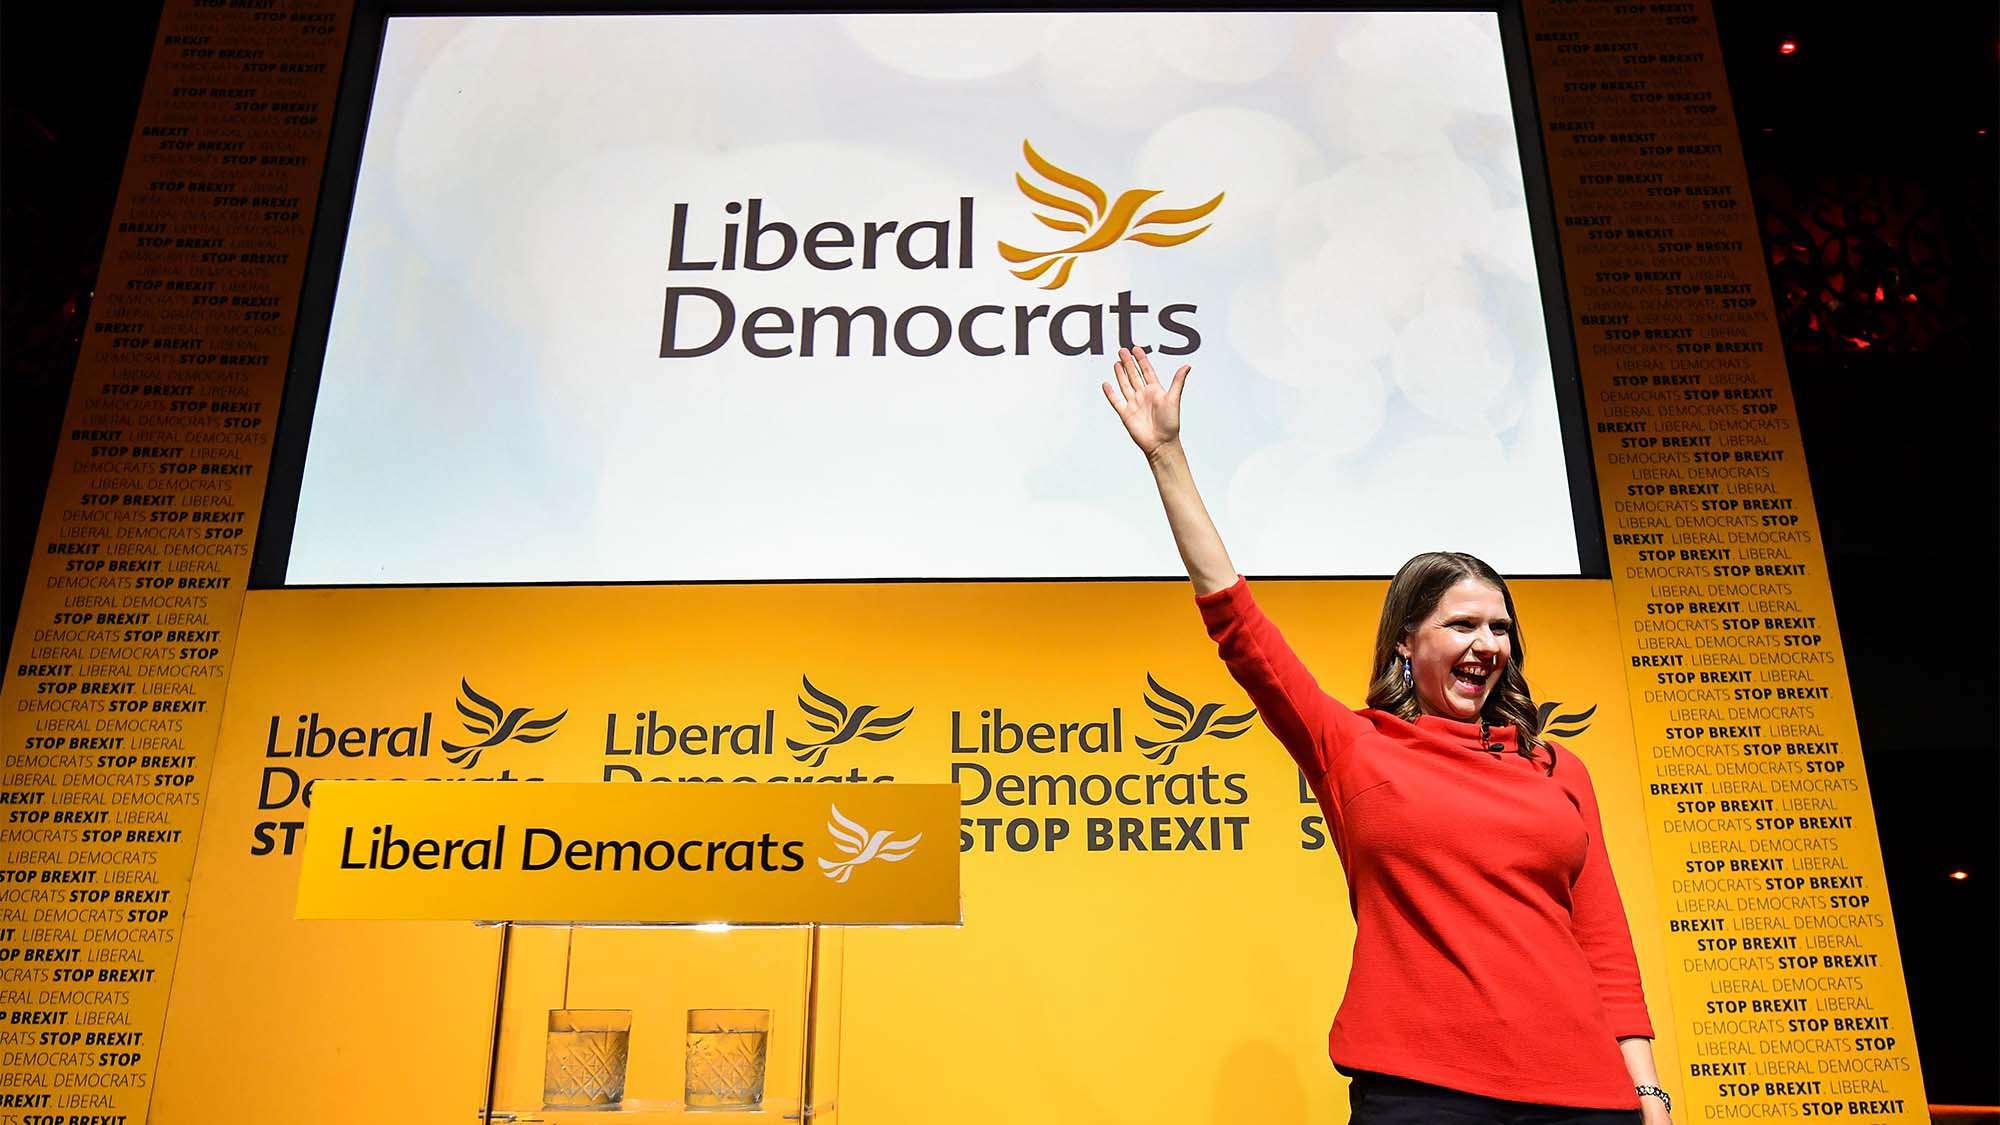 Jo Swinson at Liberal Democrats conference waving and smiling